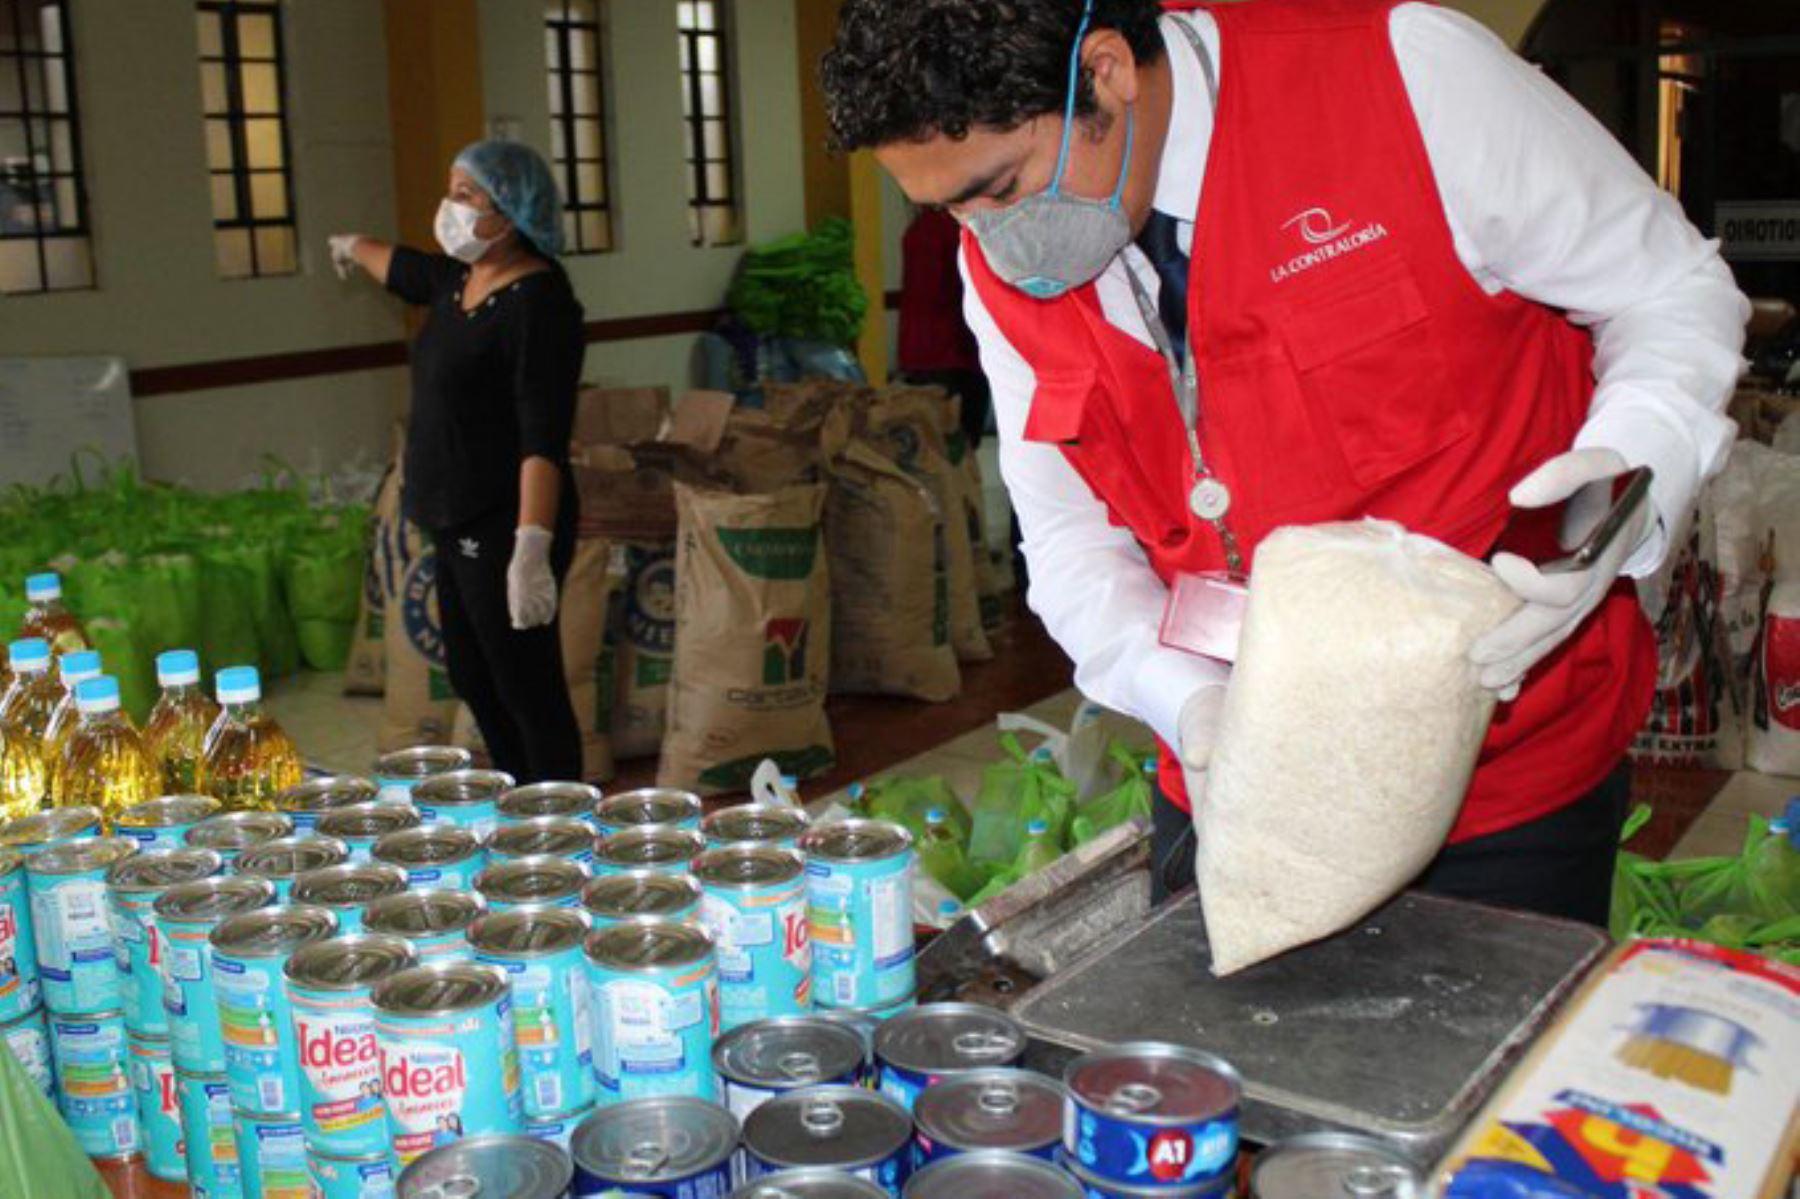 Auditores llegaron a las municipalidades rurales de Calana y Pachia en Tacna para verificar la calidad de los productos incluidos en las canastas de víveres a familias vulnerables COVID19 durante el  Mega Operativo Emergencia sanitaria.  Foto:ANDINA/Difusión